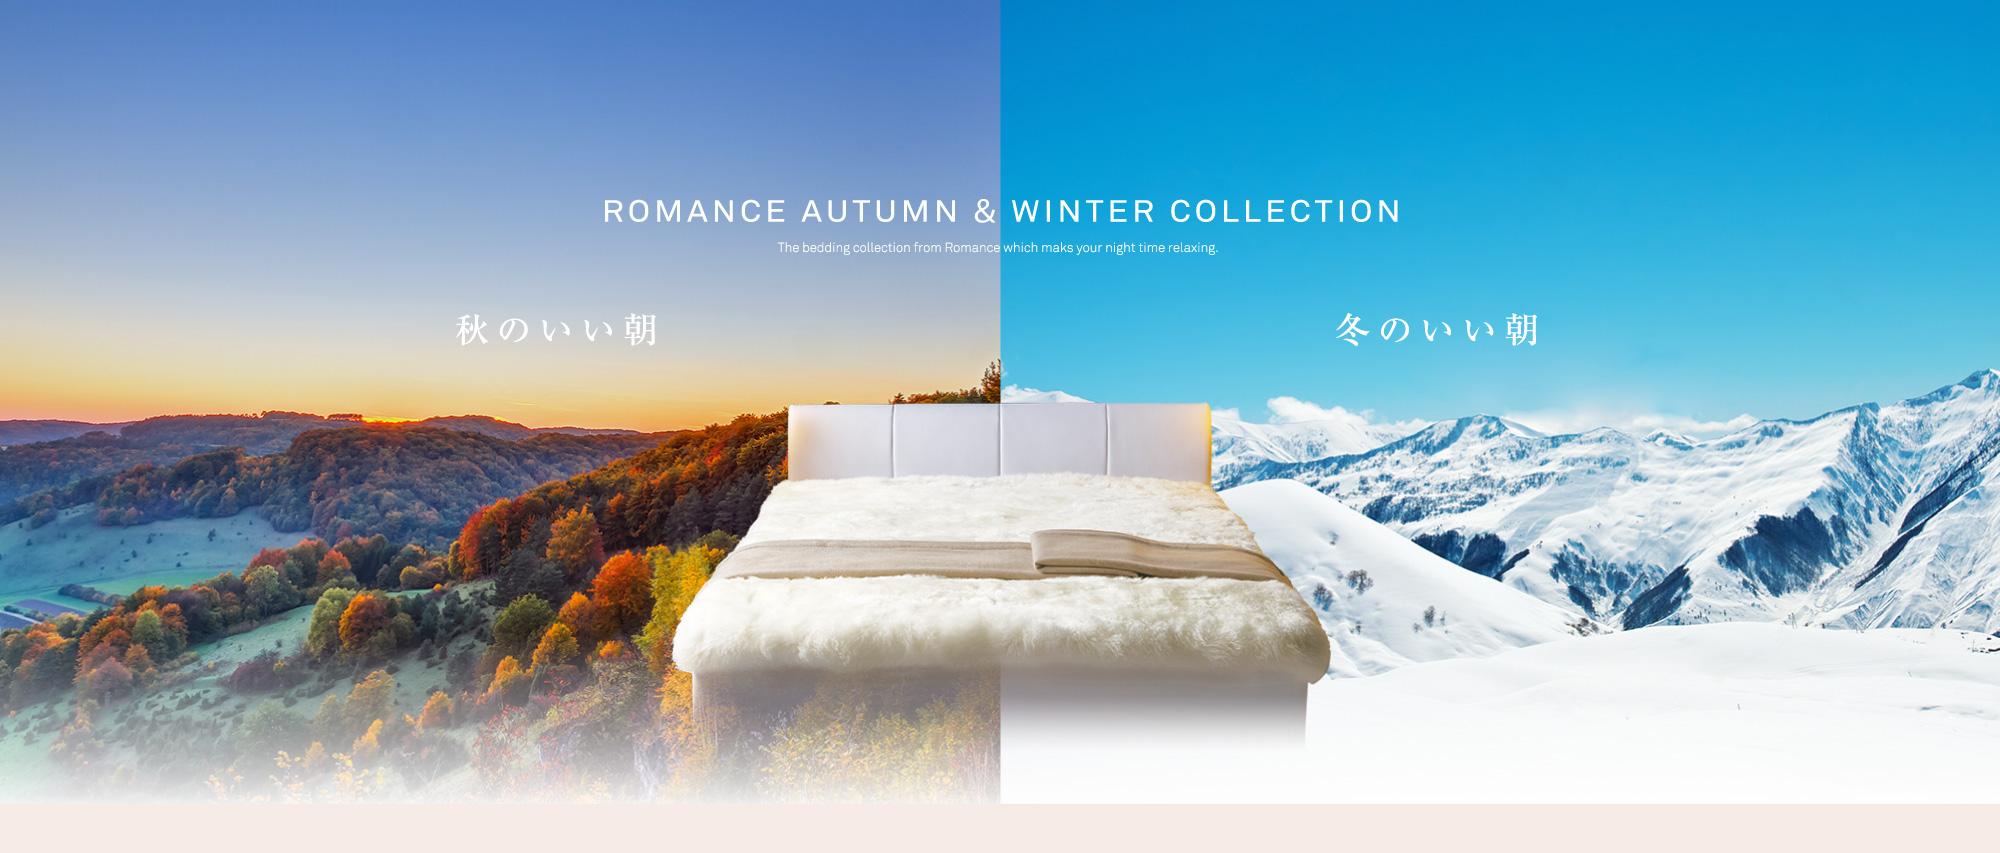 ロマンスの秋冬コレクション